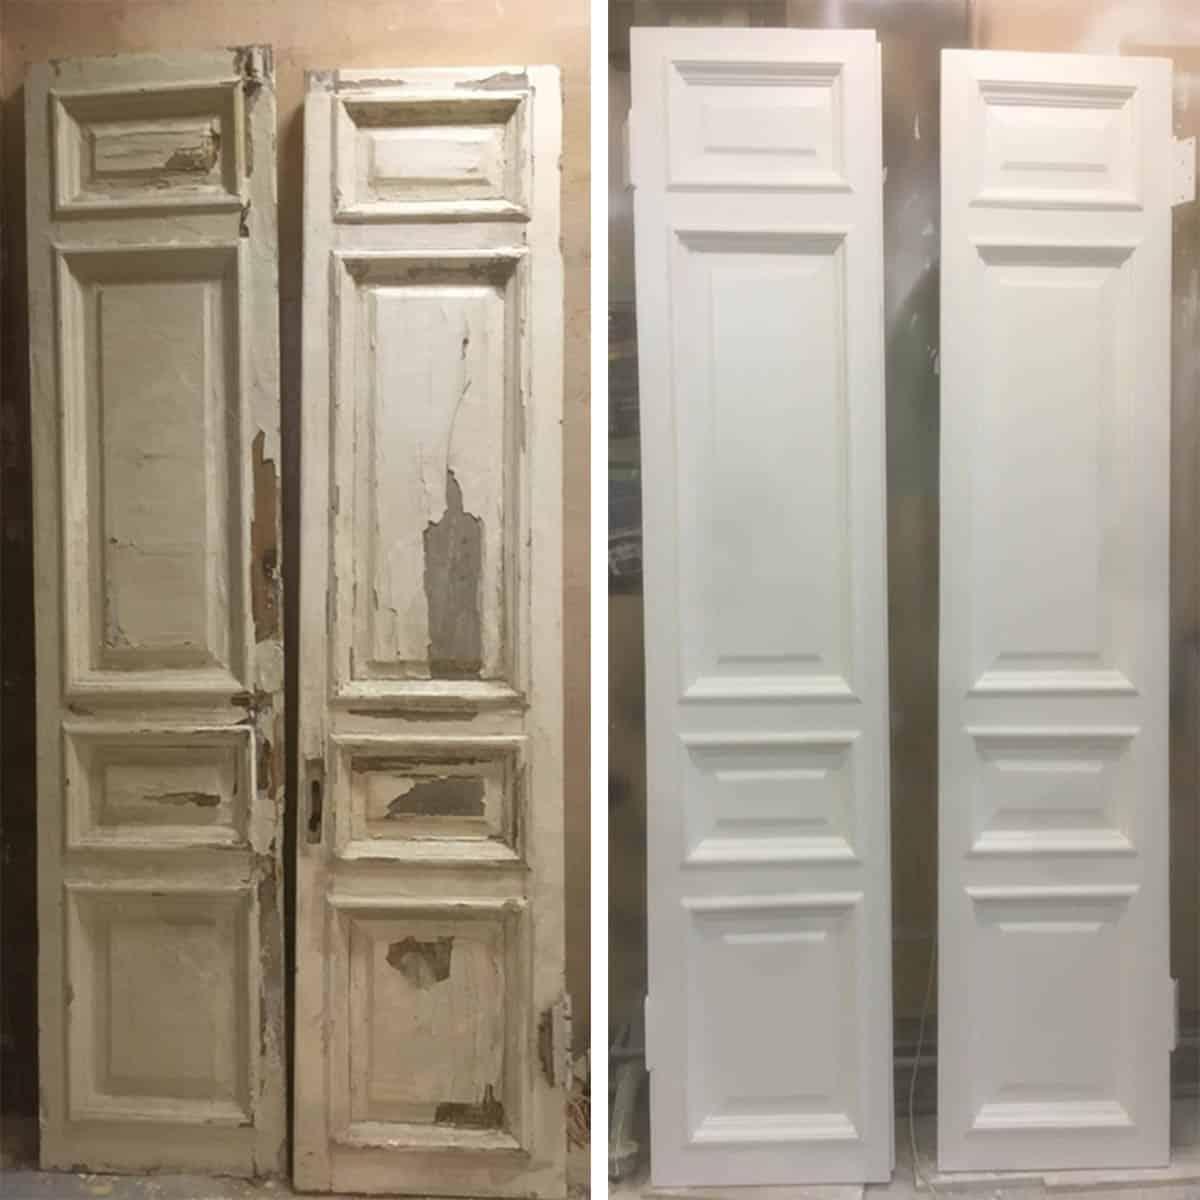 реставрация деревянной межкомнатной двери(старый фонд)